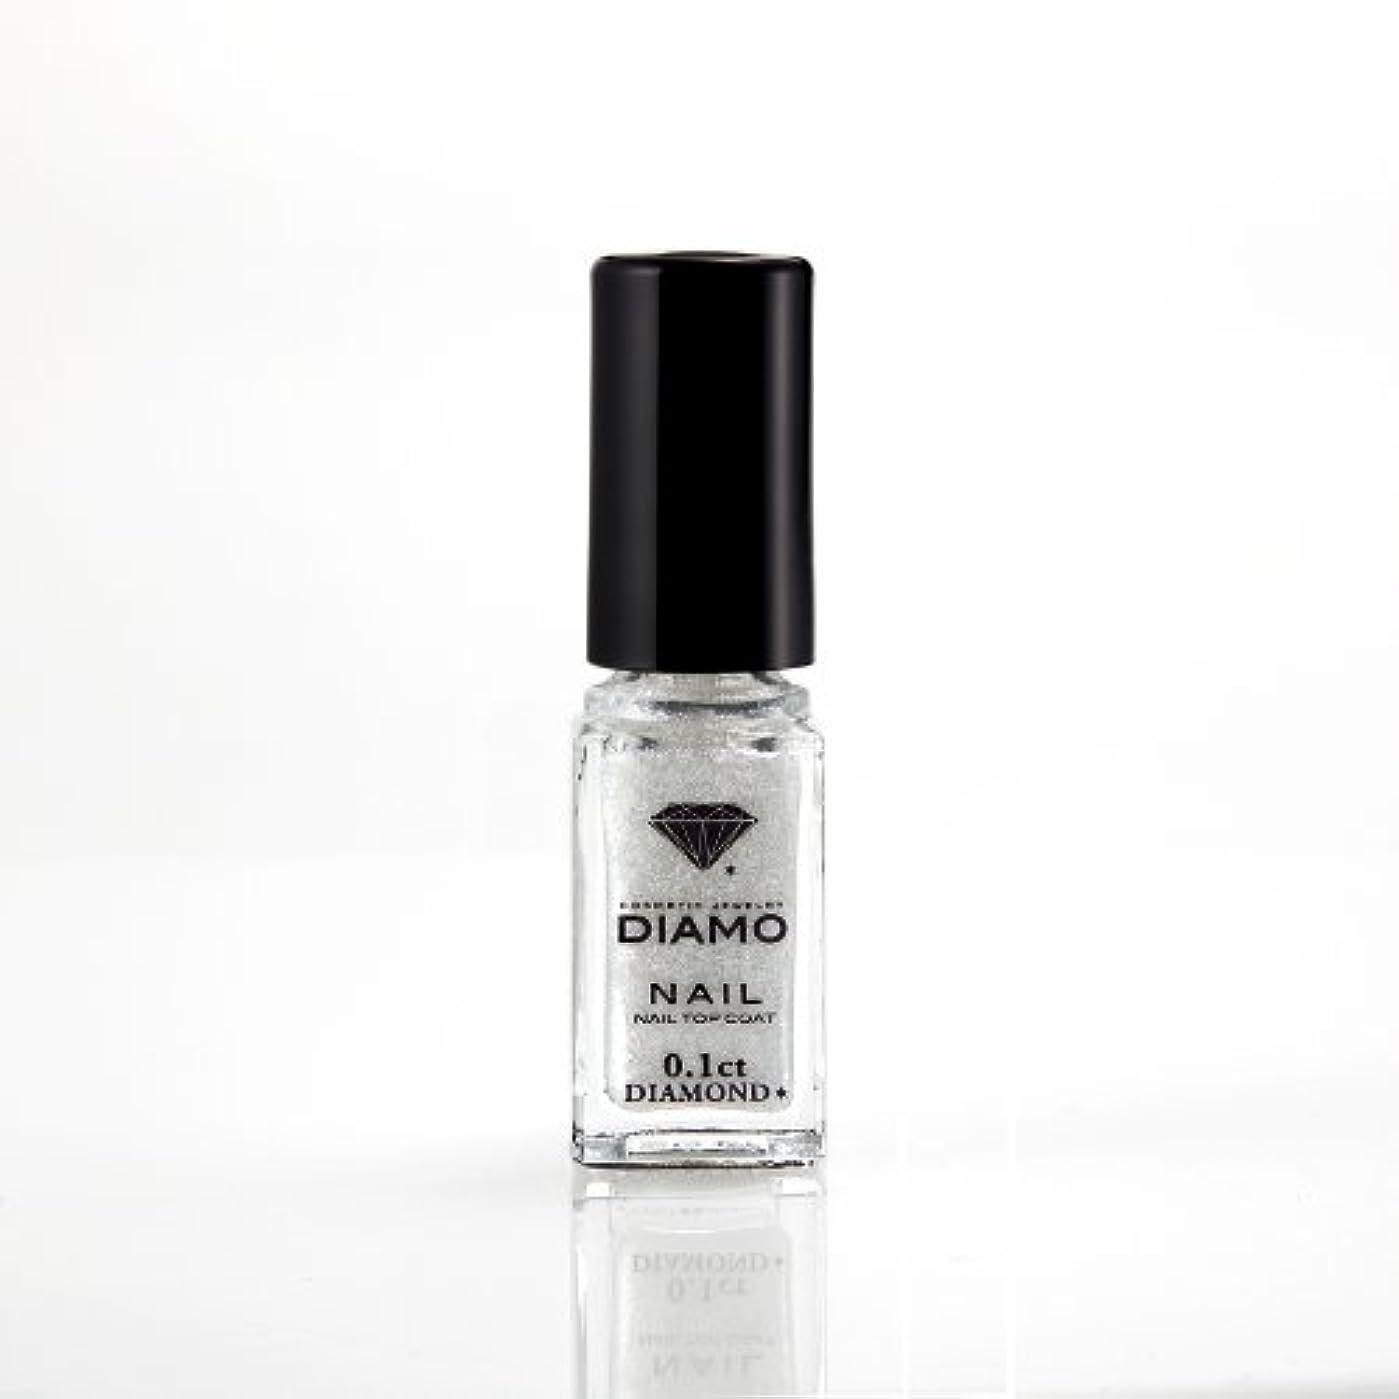 グラス安西印象派DIAMO NAIL TOP COAT ディアモ ネイル トップコート0.1ct 天然ダイヤモンド粉末入り5ml